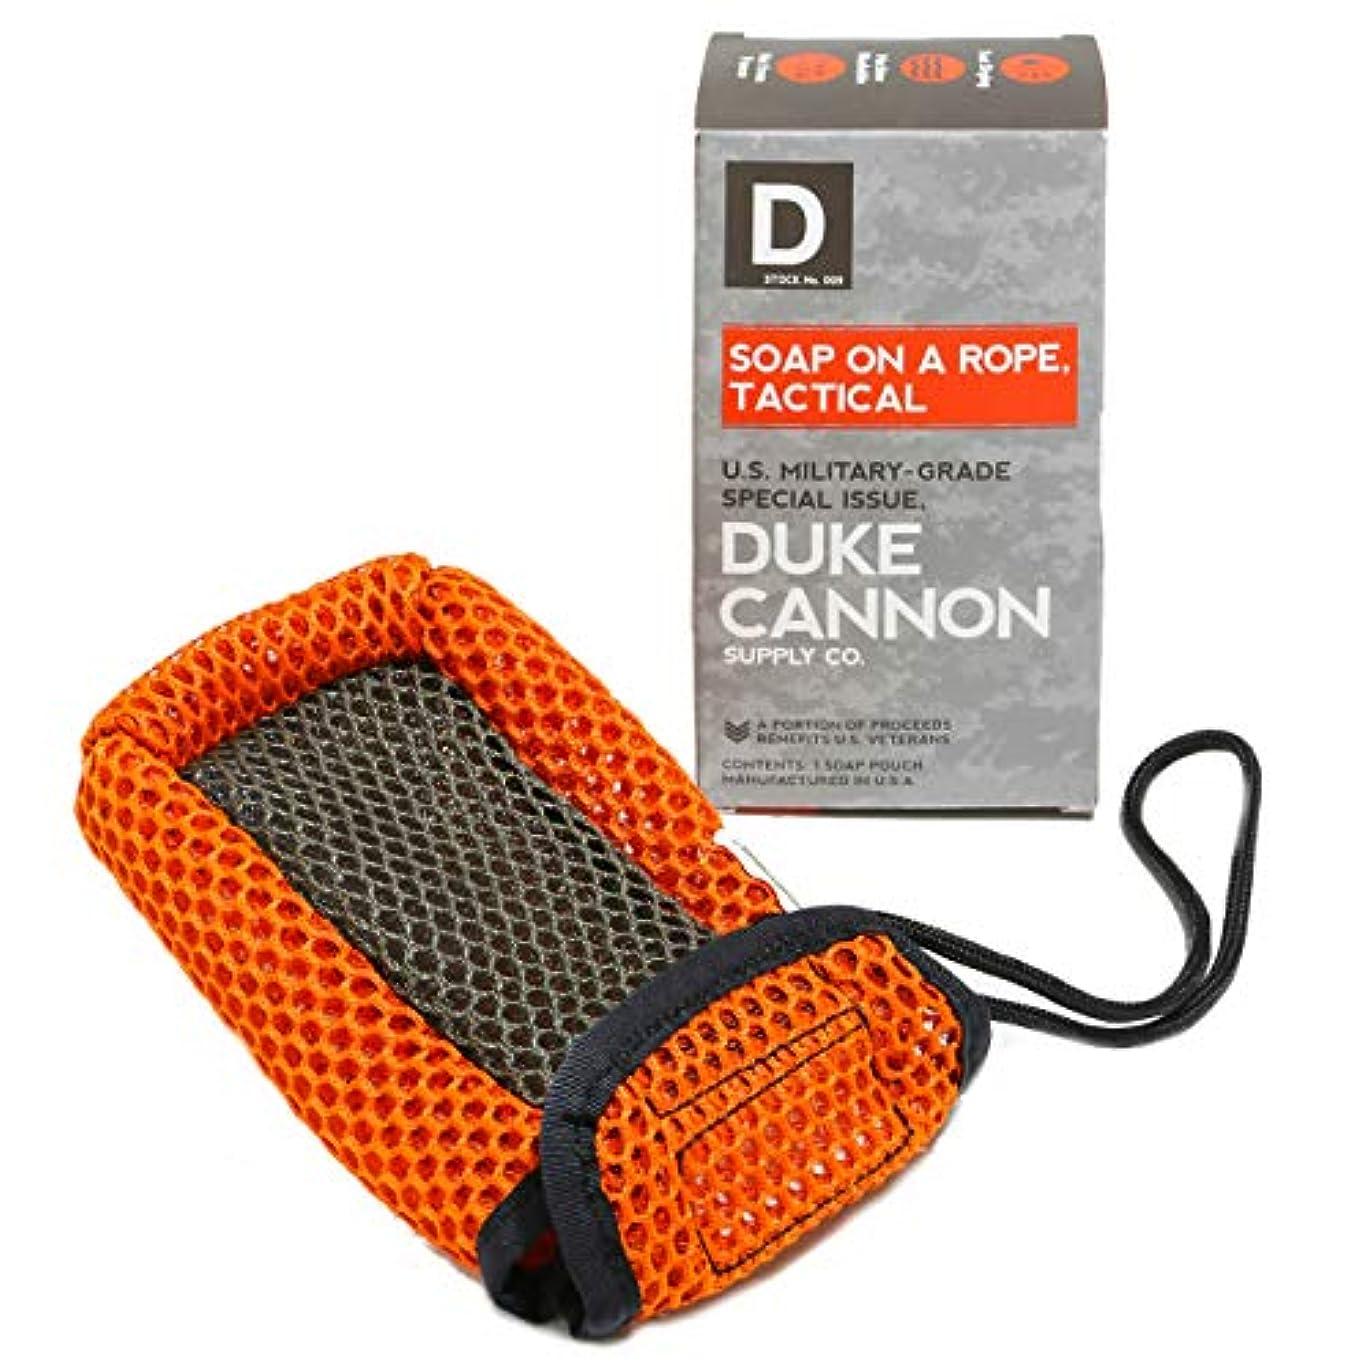 未使用スプーン請願者Duke Cannon ロープのポーチには戦術的なソープ